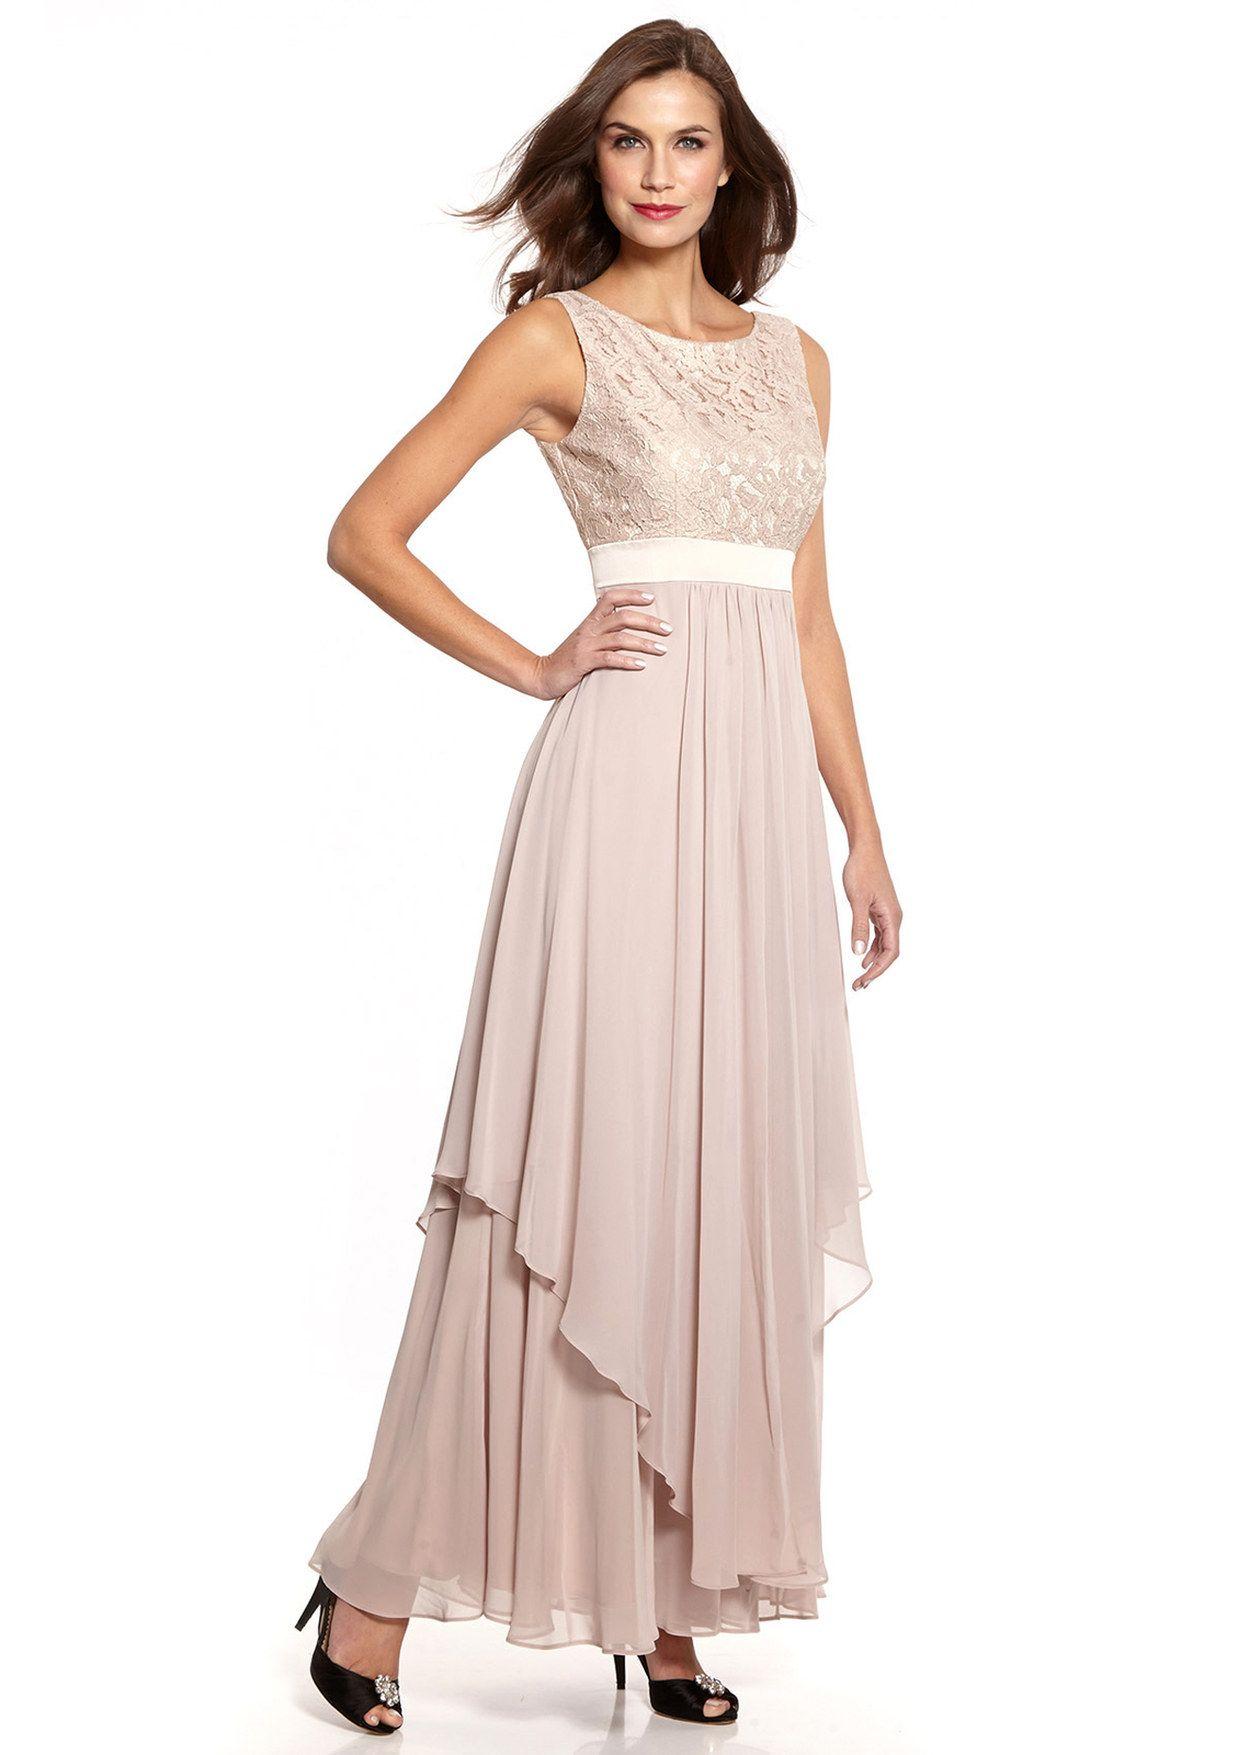 ideeli   ELIZA J Lace Bodice and Chiffon Dress $109.99   My Style ...